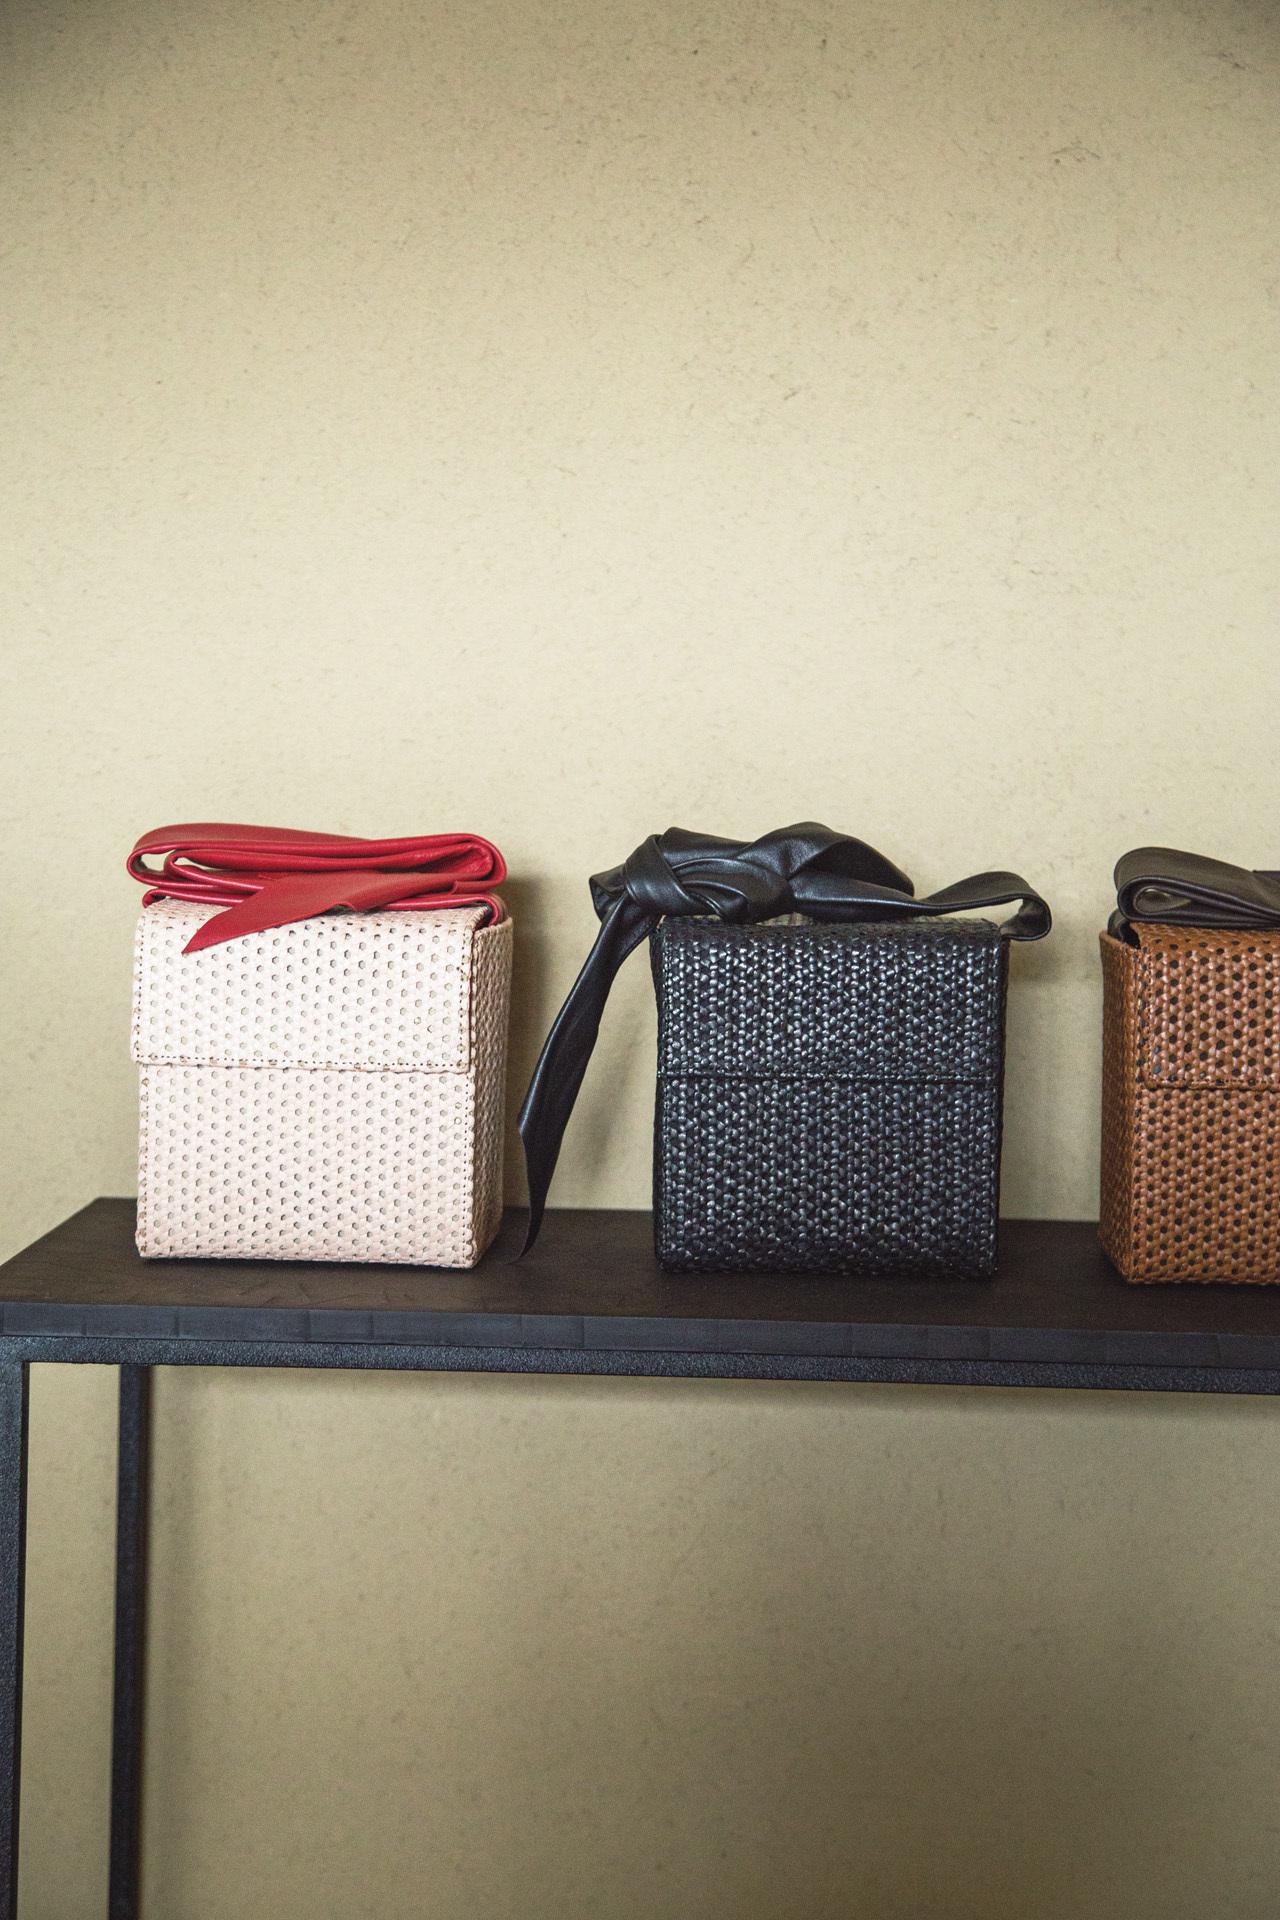 日本人の所作に添い心を包む革小物 緙室(かわむろ) s e n_1_3-2